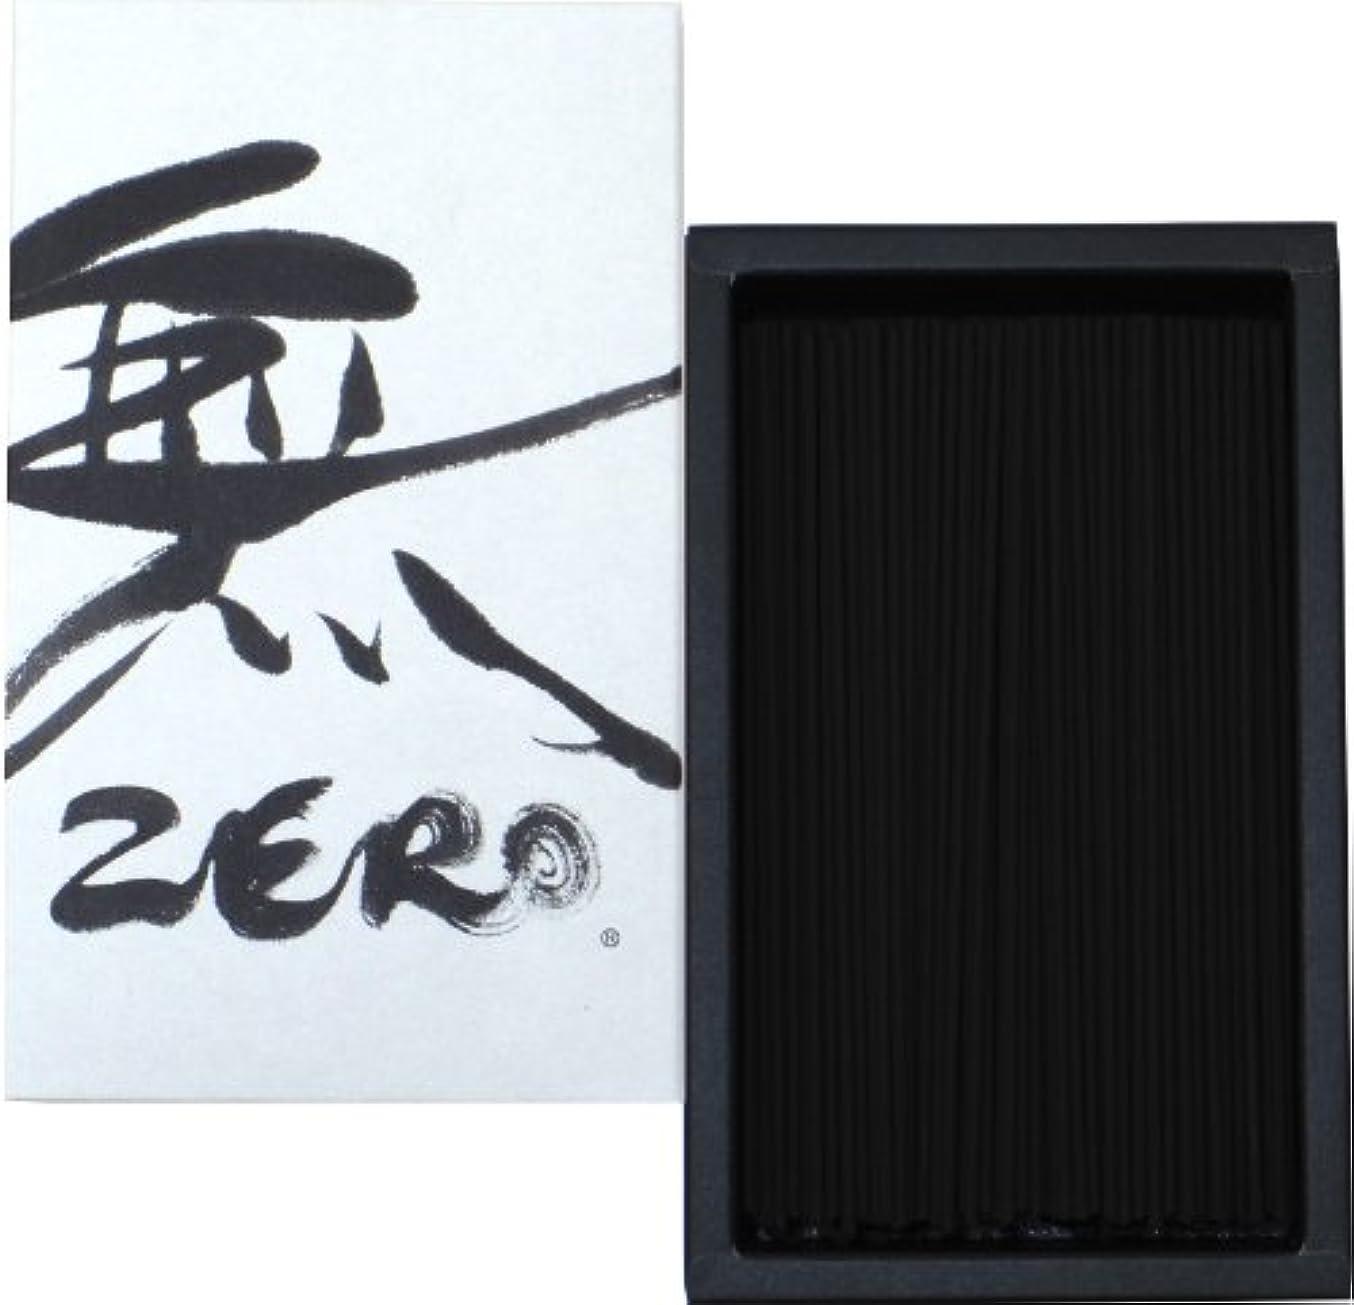 。扇動抽出丸叶むらたのお線香 無 ZERO(ゼロ)大バラ 約160g #ZR-01